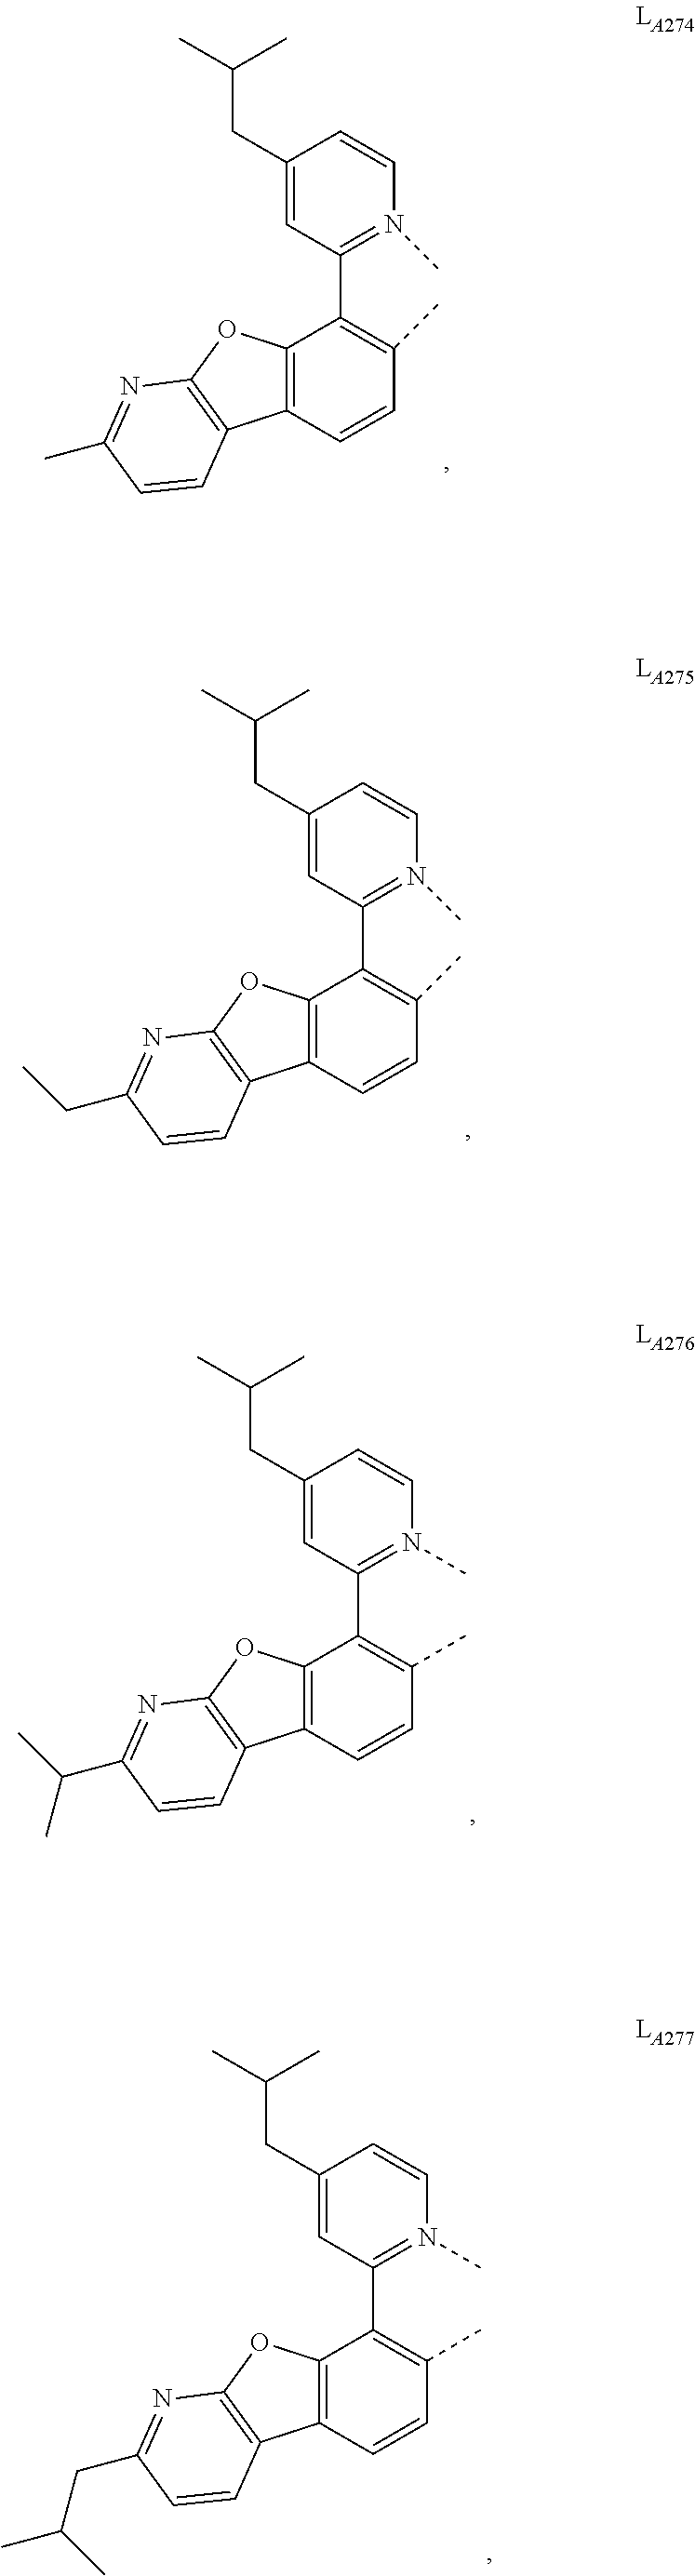 Figure US20160049599A1-20160218-C00073